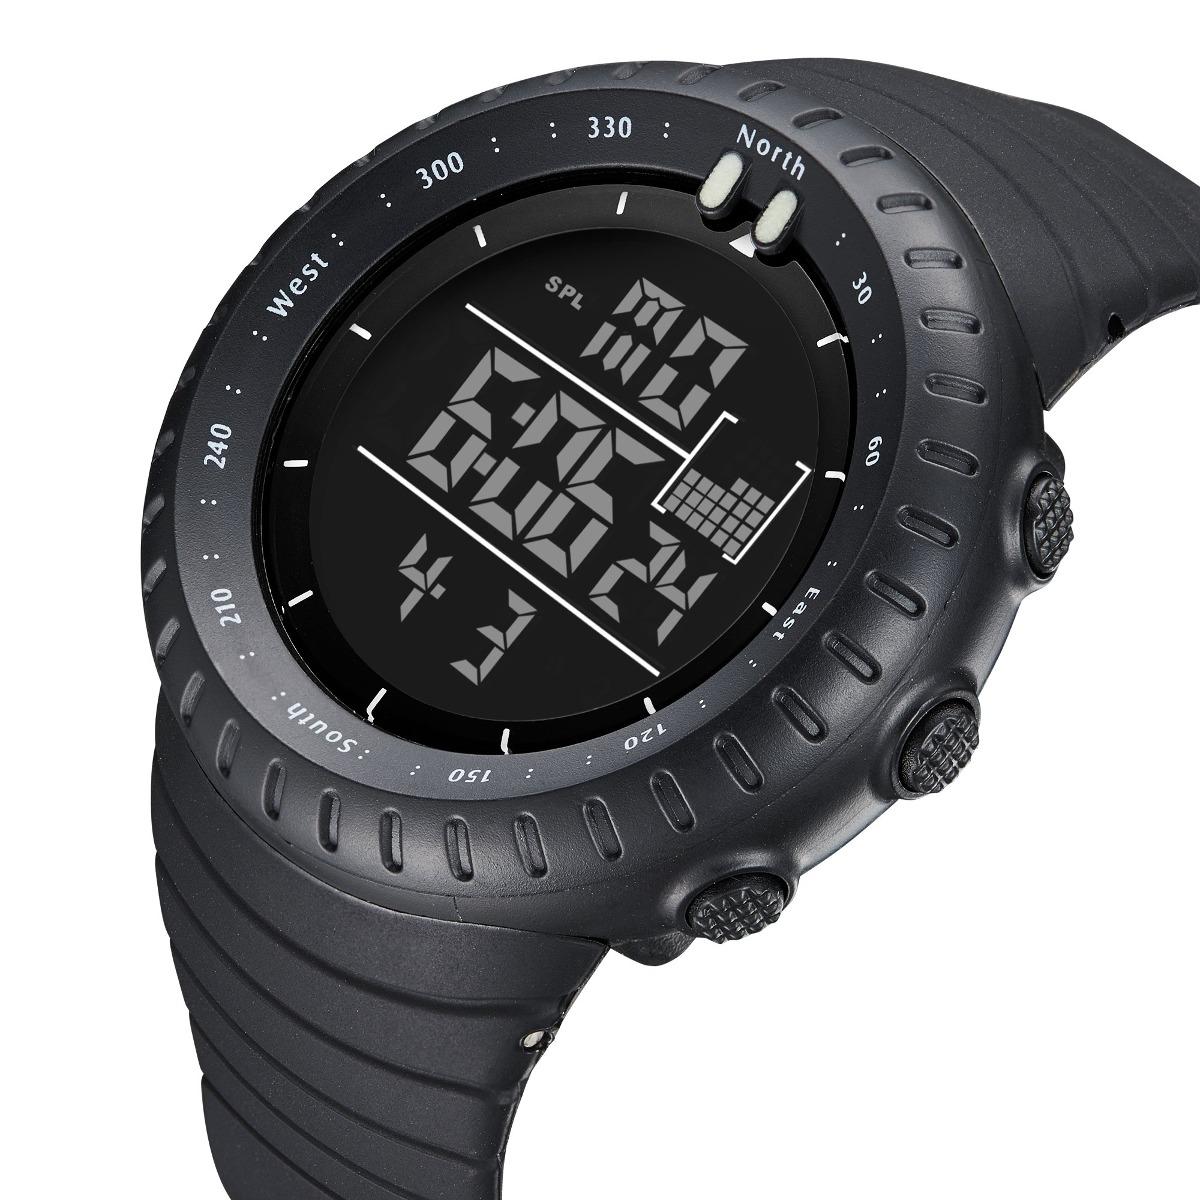 f5cd0d450a50 reloj de pulsera digital deportivo para hombre resistente. Cargando zoom.